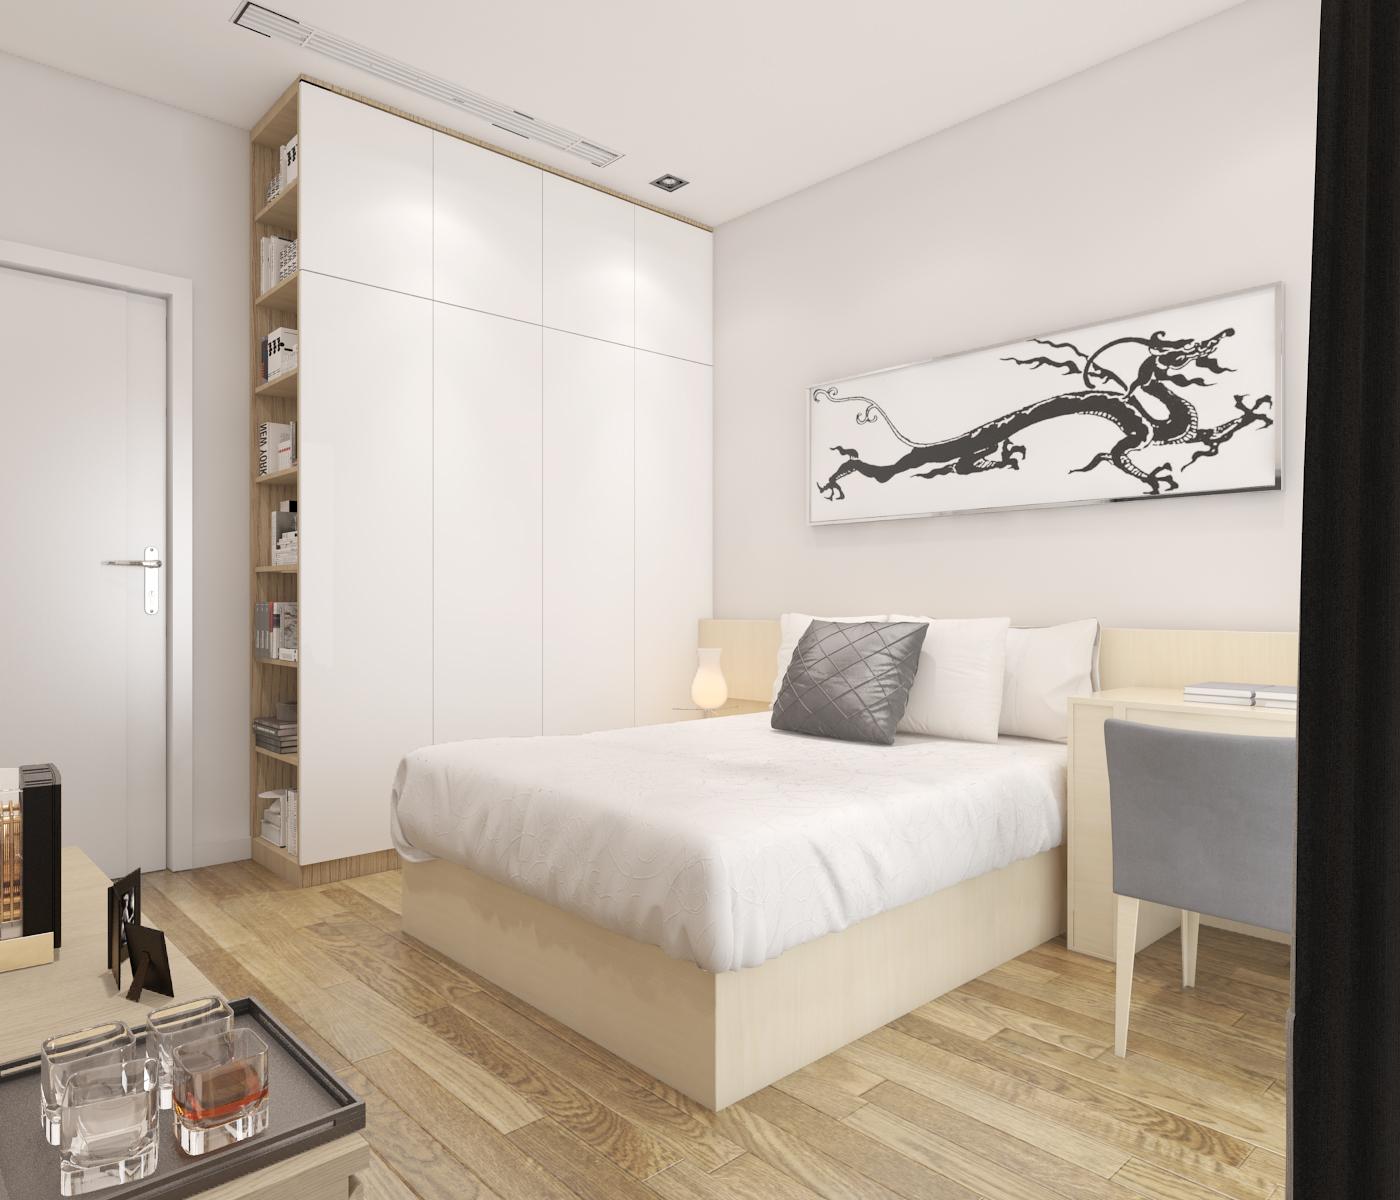 thiết kế nội thất Biệt Thự tại Hà Nội bt Vinhomes - riverside 49 1568085375